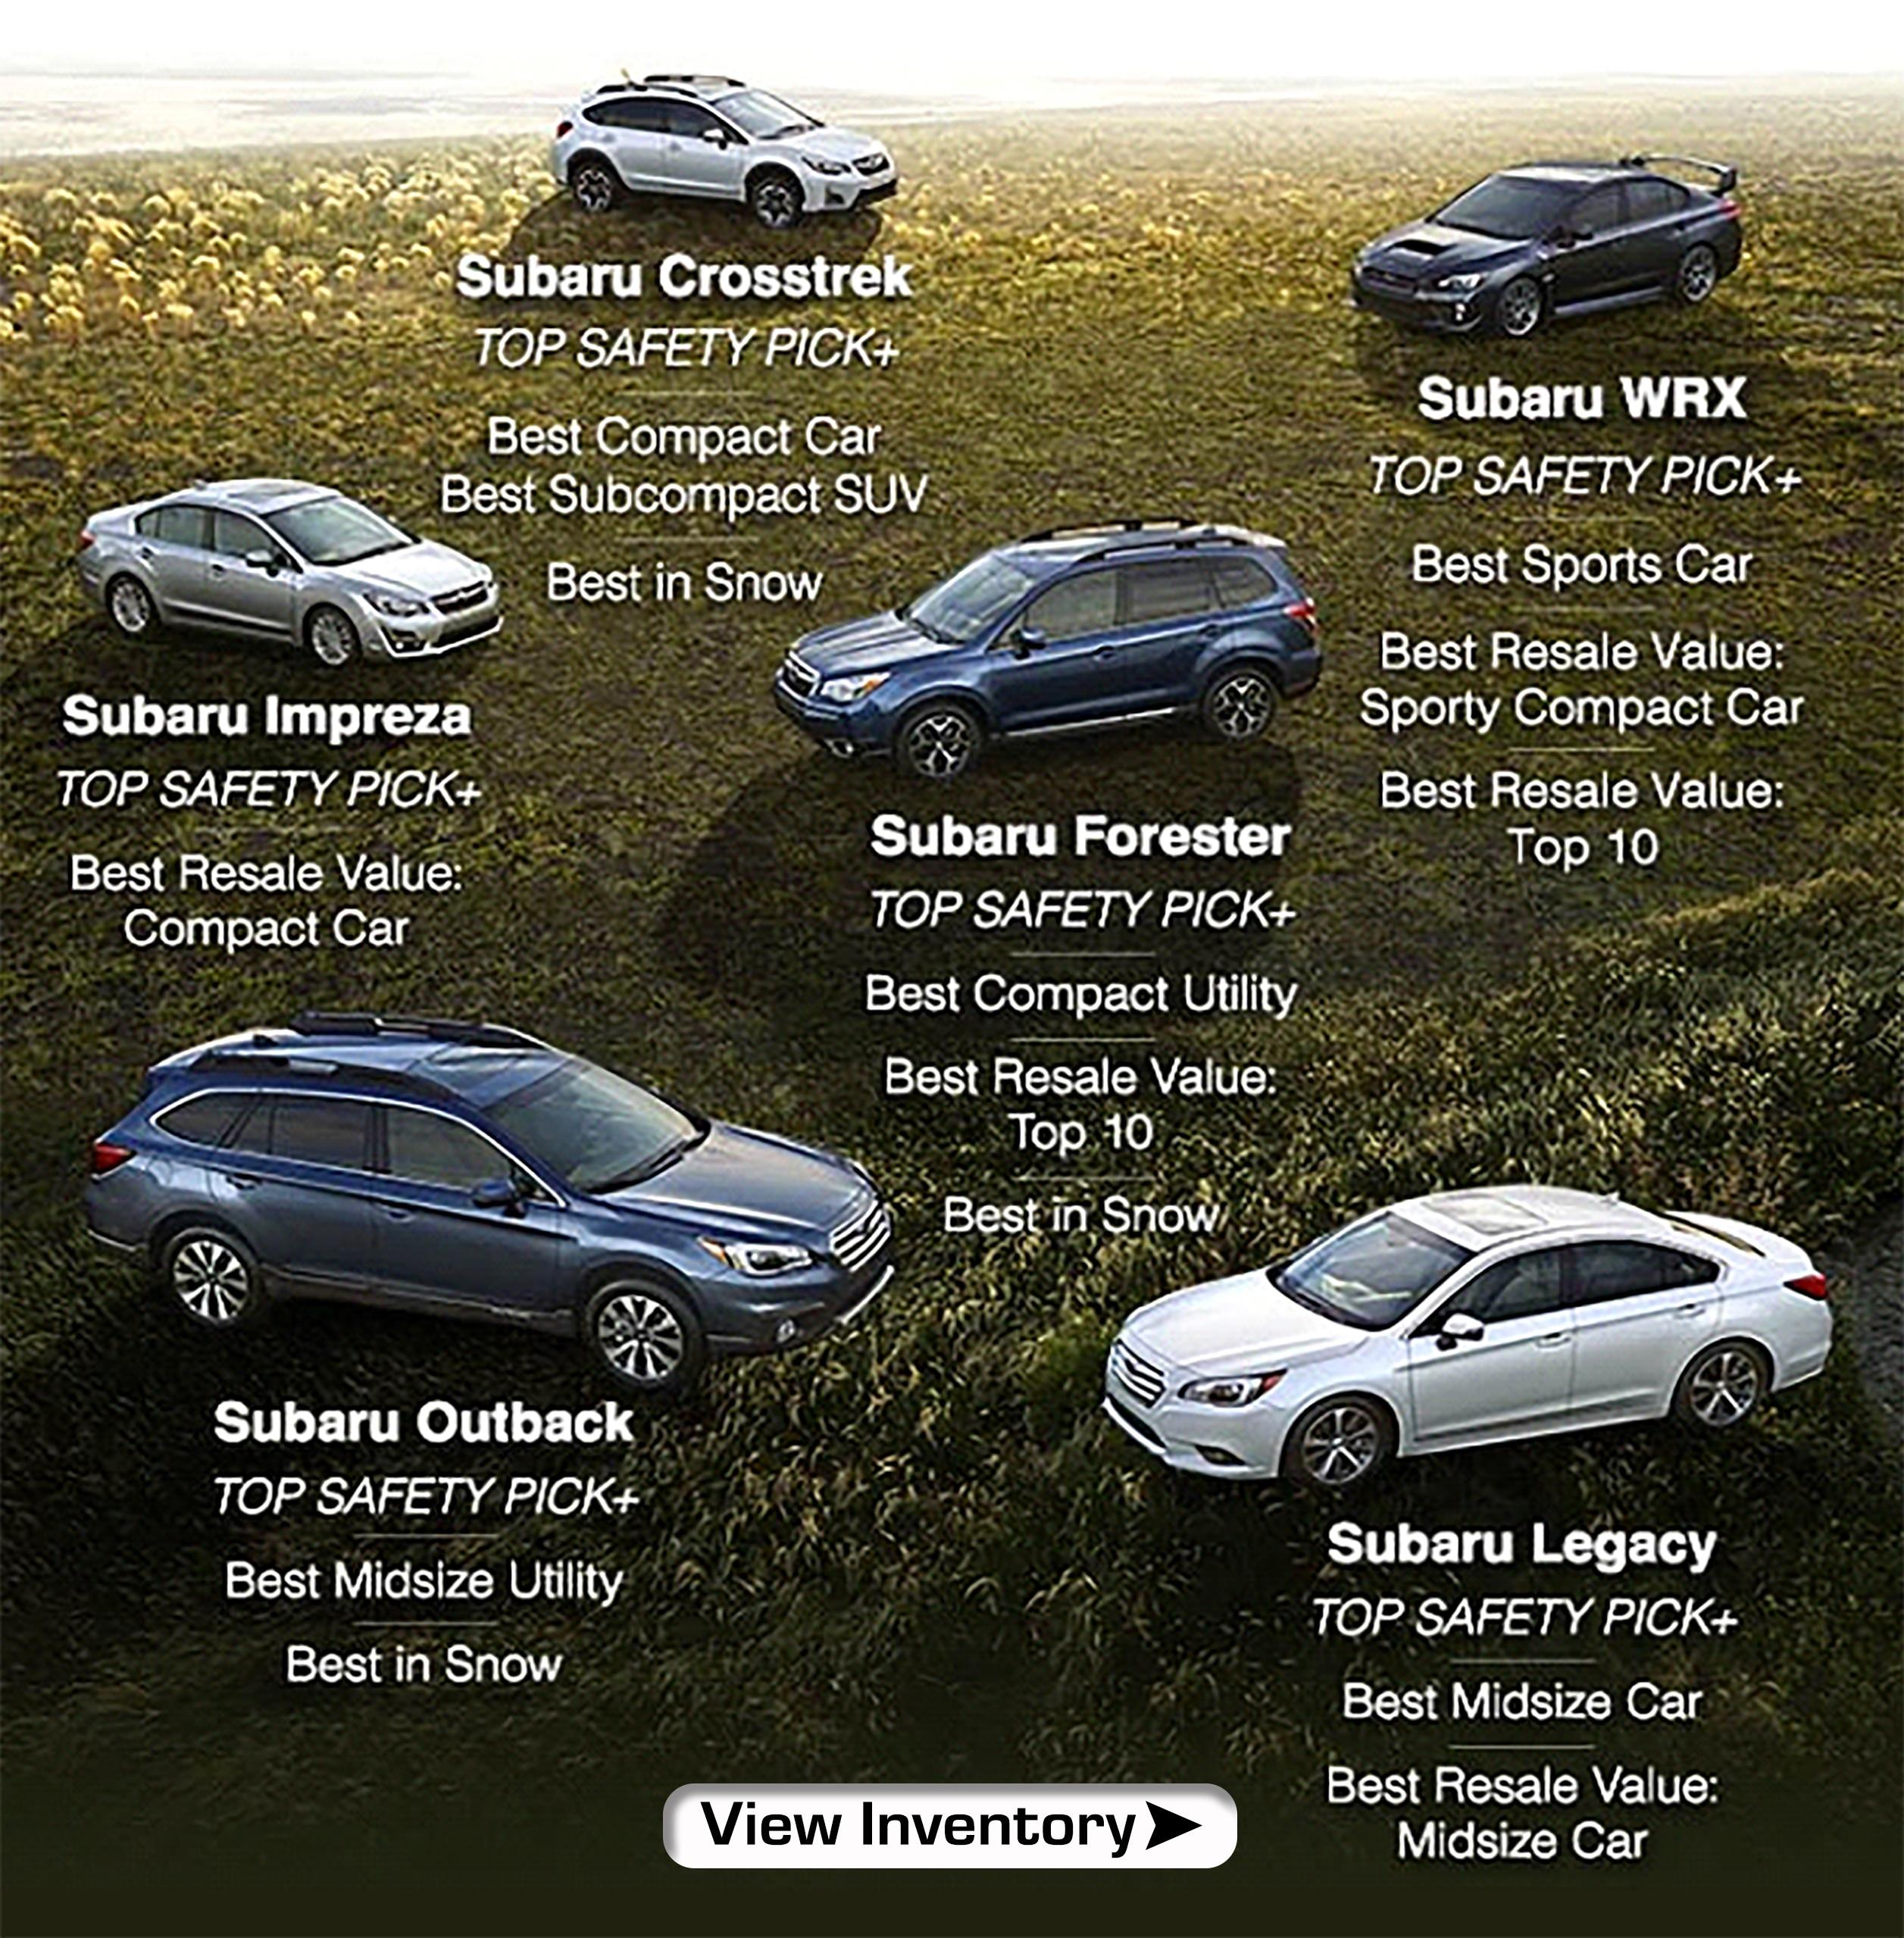 2016 Subaru Awards  All American Subaru